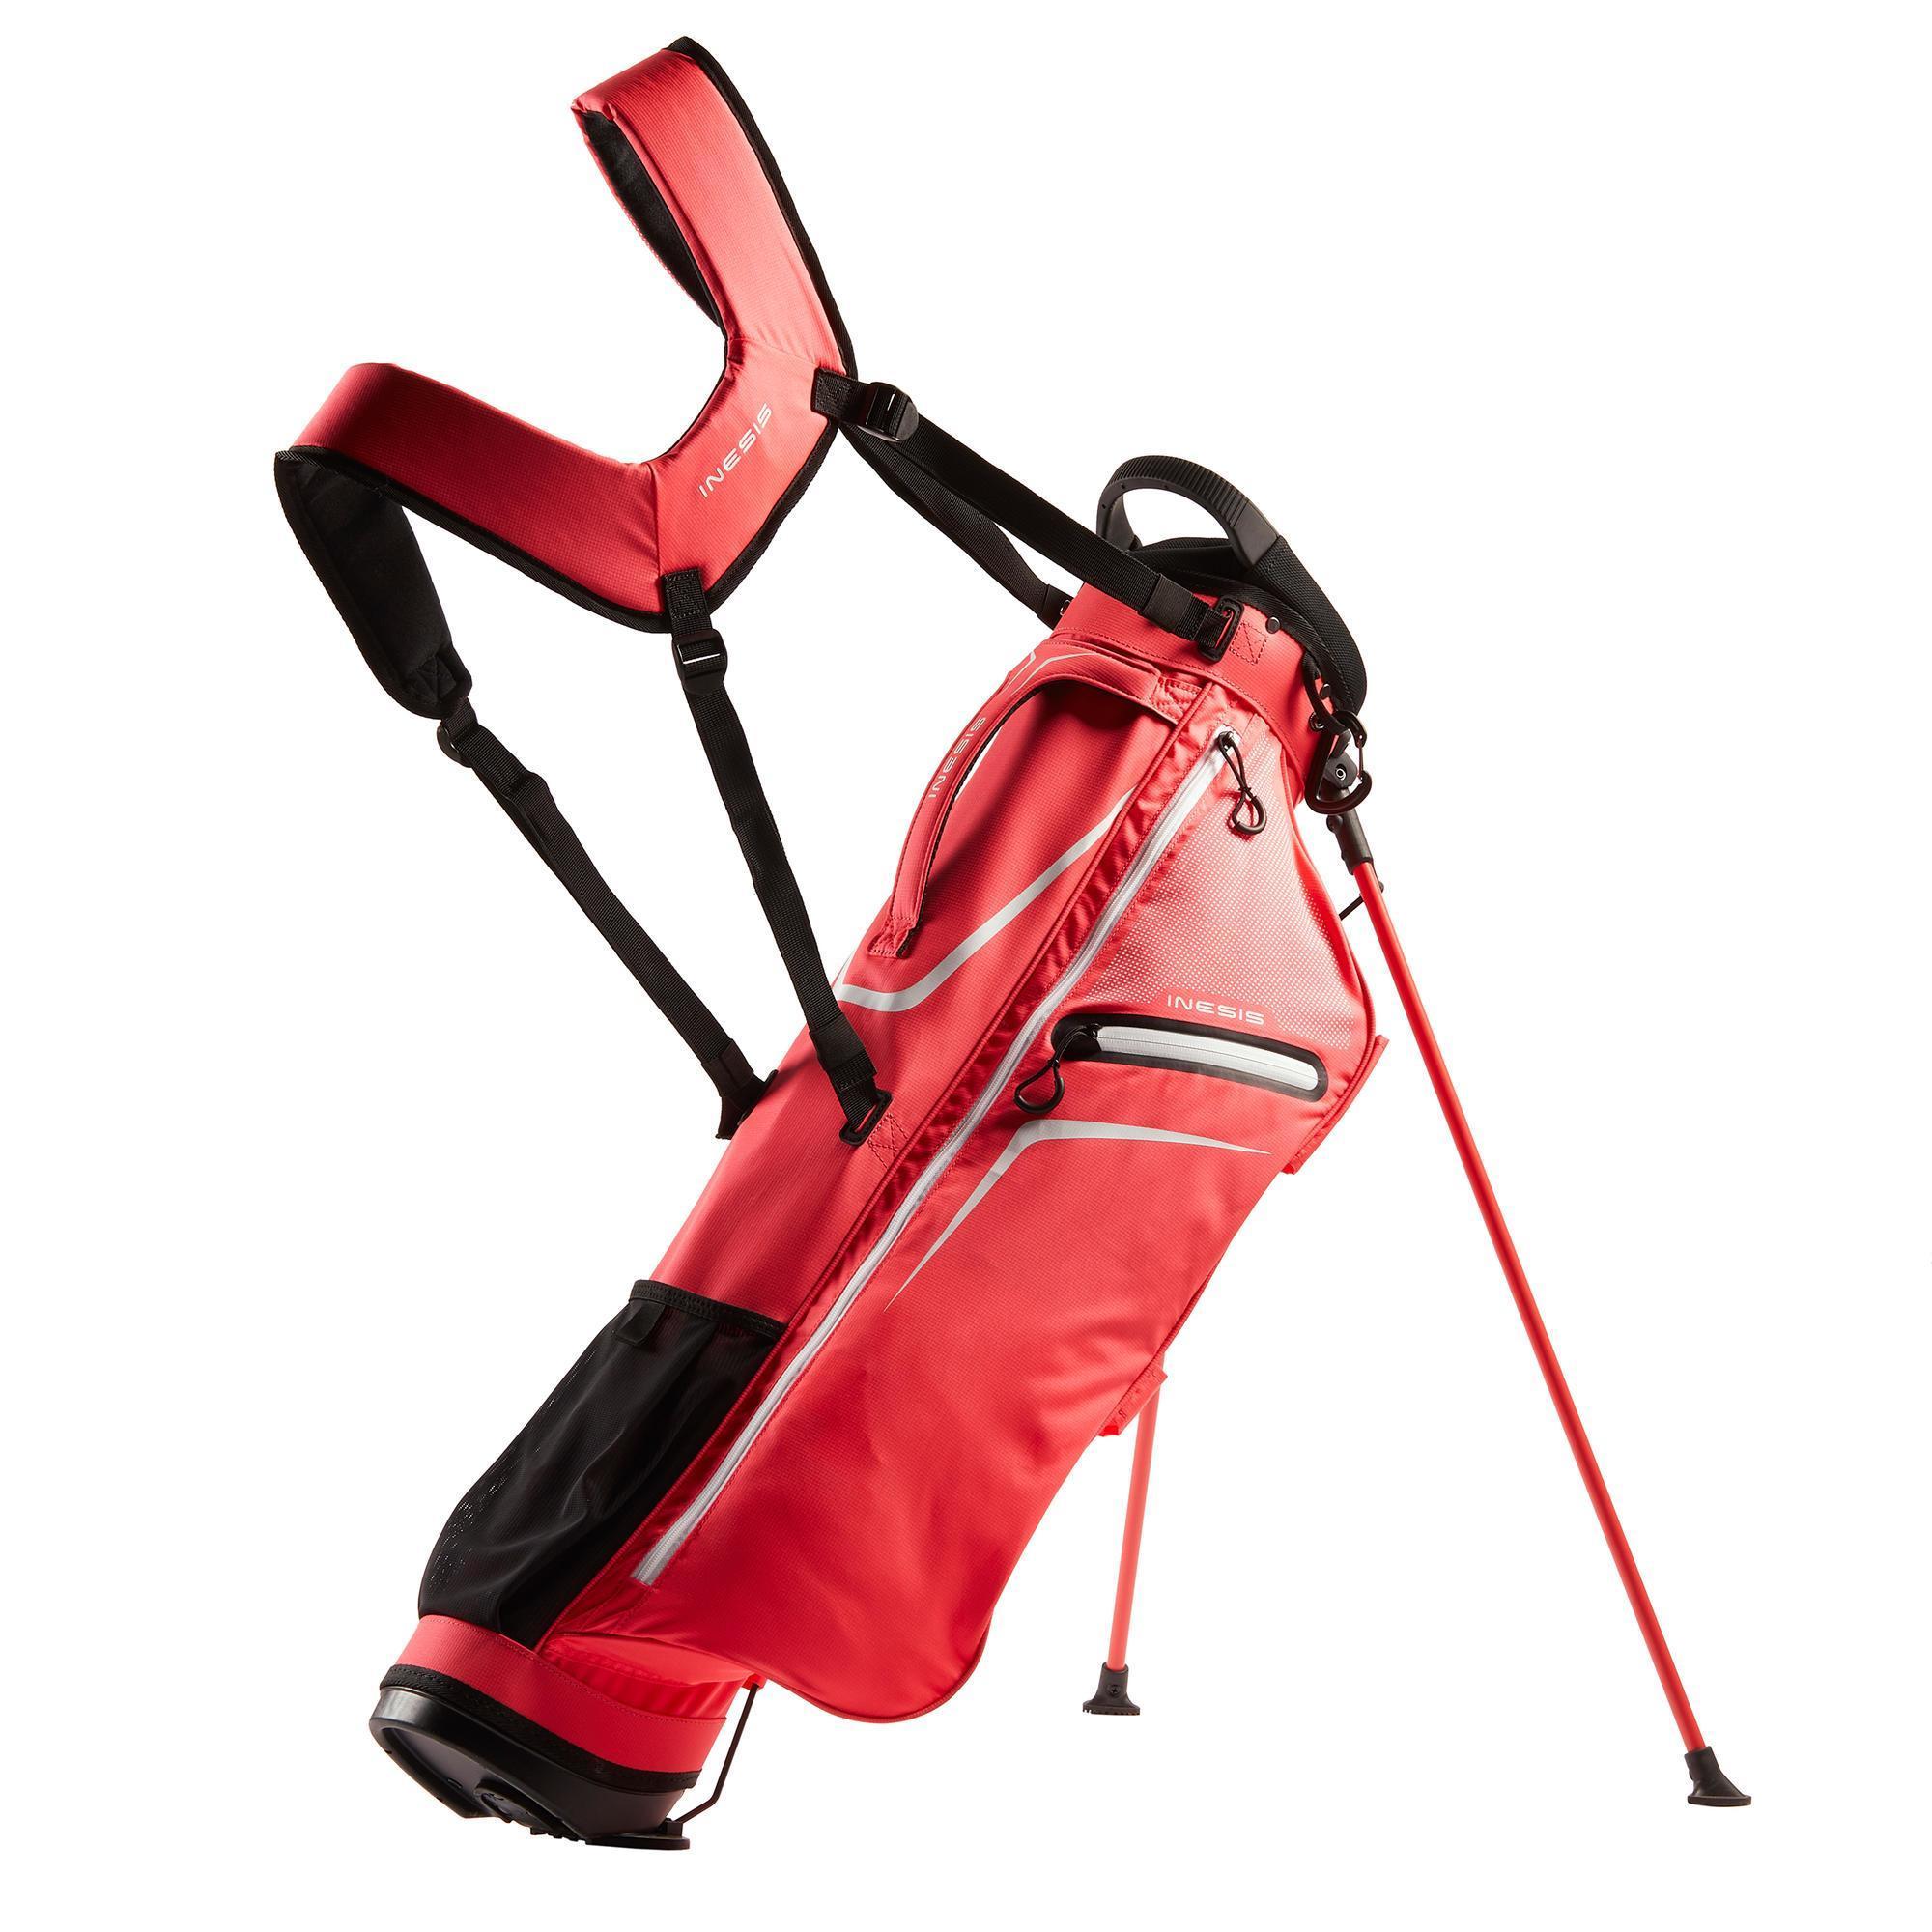 Inesis Standbag voor golf Ultralight roze kopen